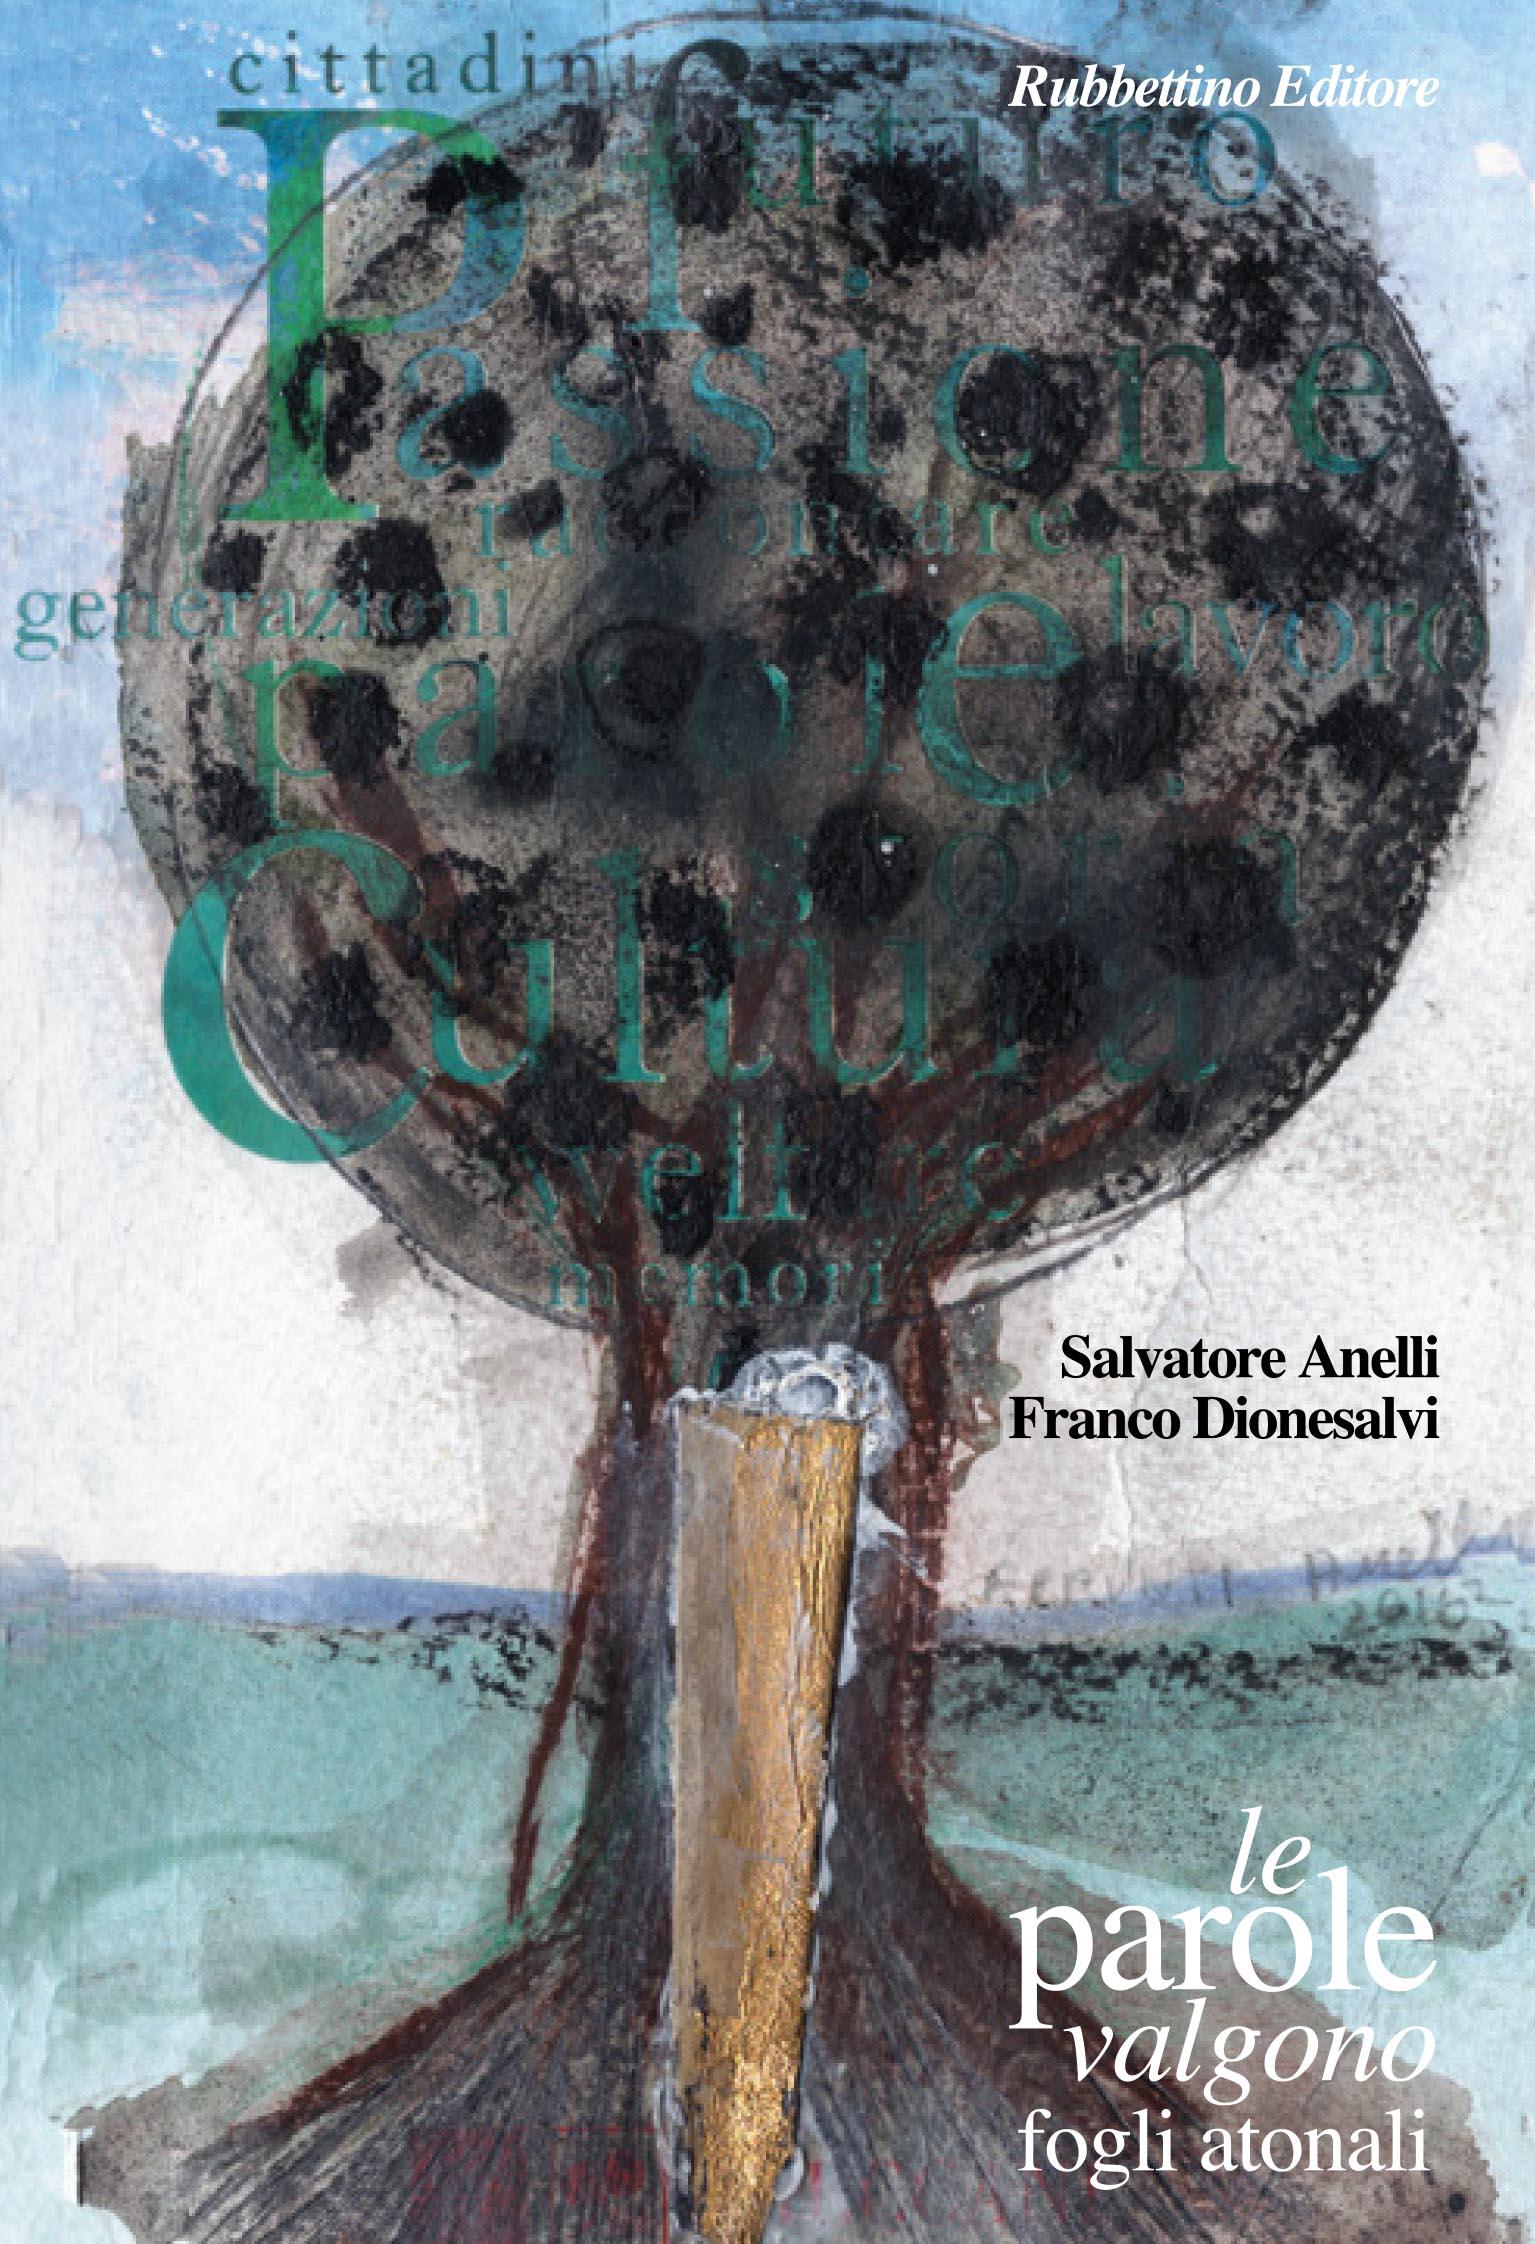 """Copertina del libro """"Le parole valgono- fogli atonali"""" diSalvatore Anelli e Franco Dionesalvi"""